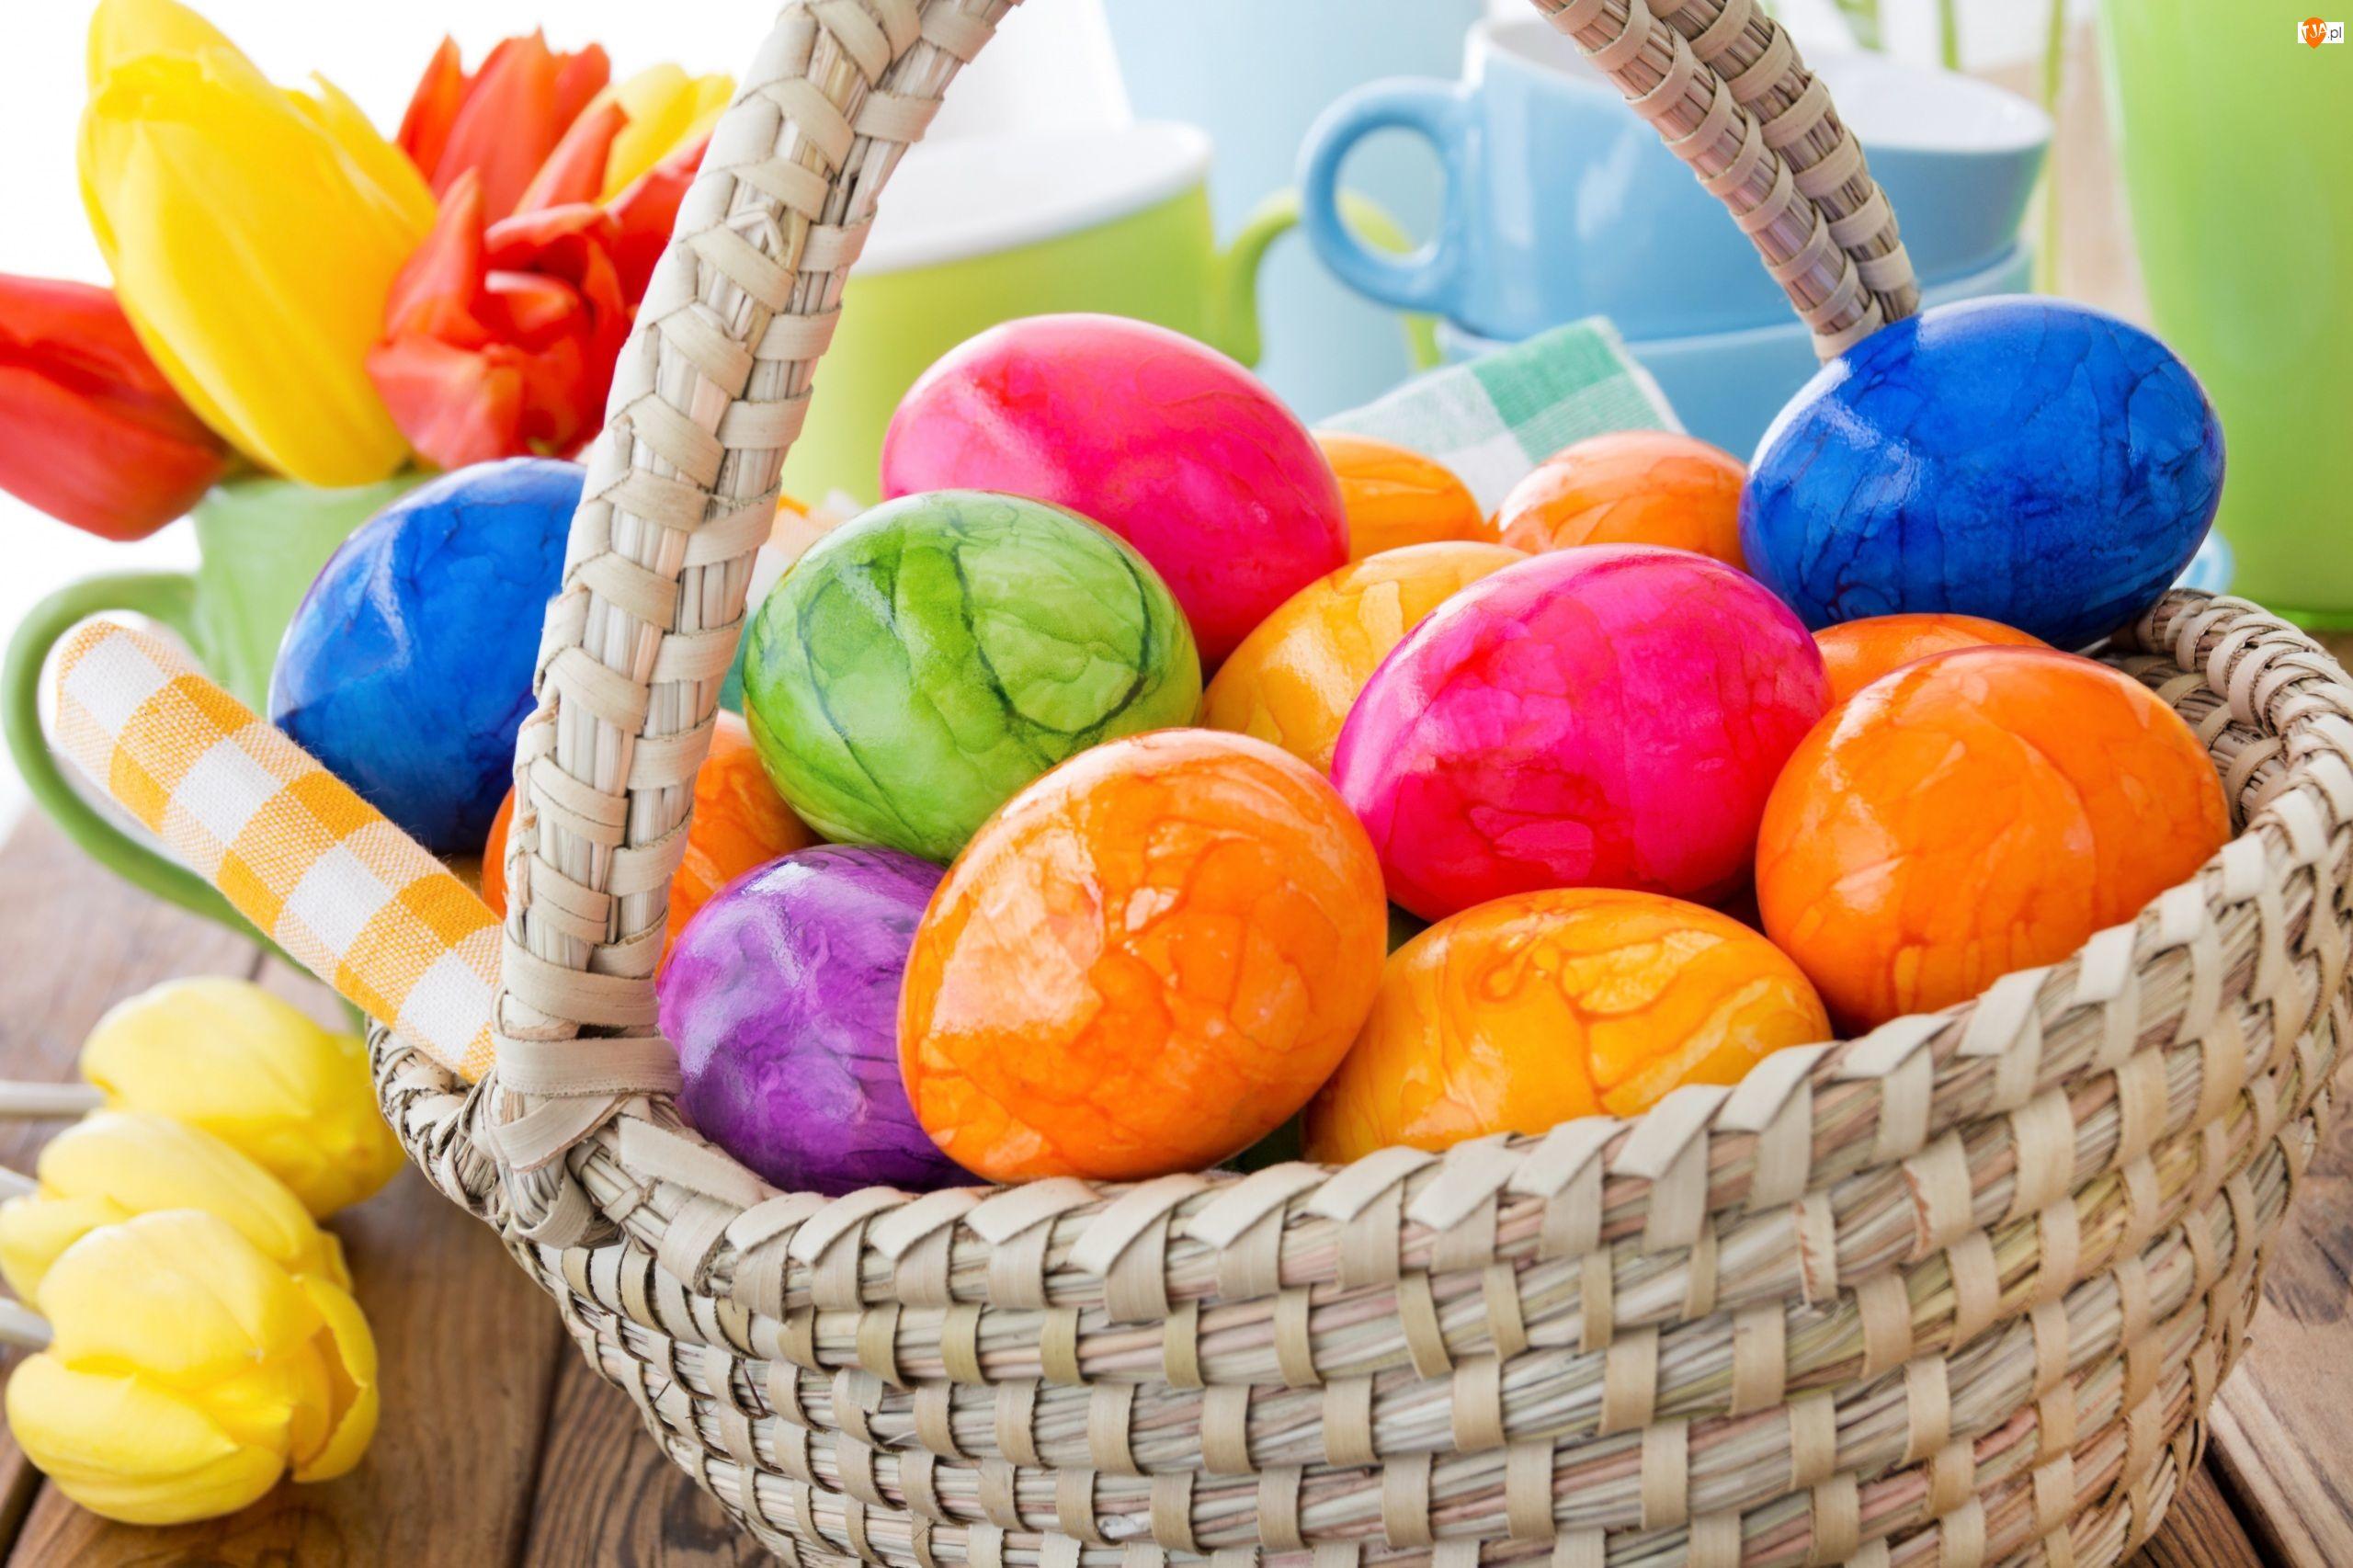 Kwiaty, Koszyk, Pisanki, Jajka, Wielkanocne